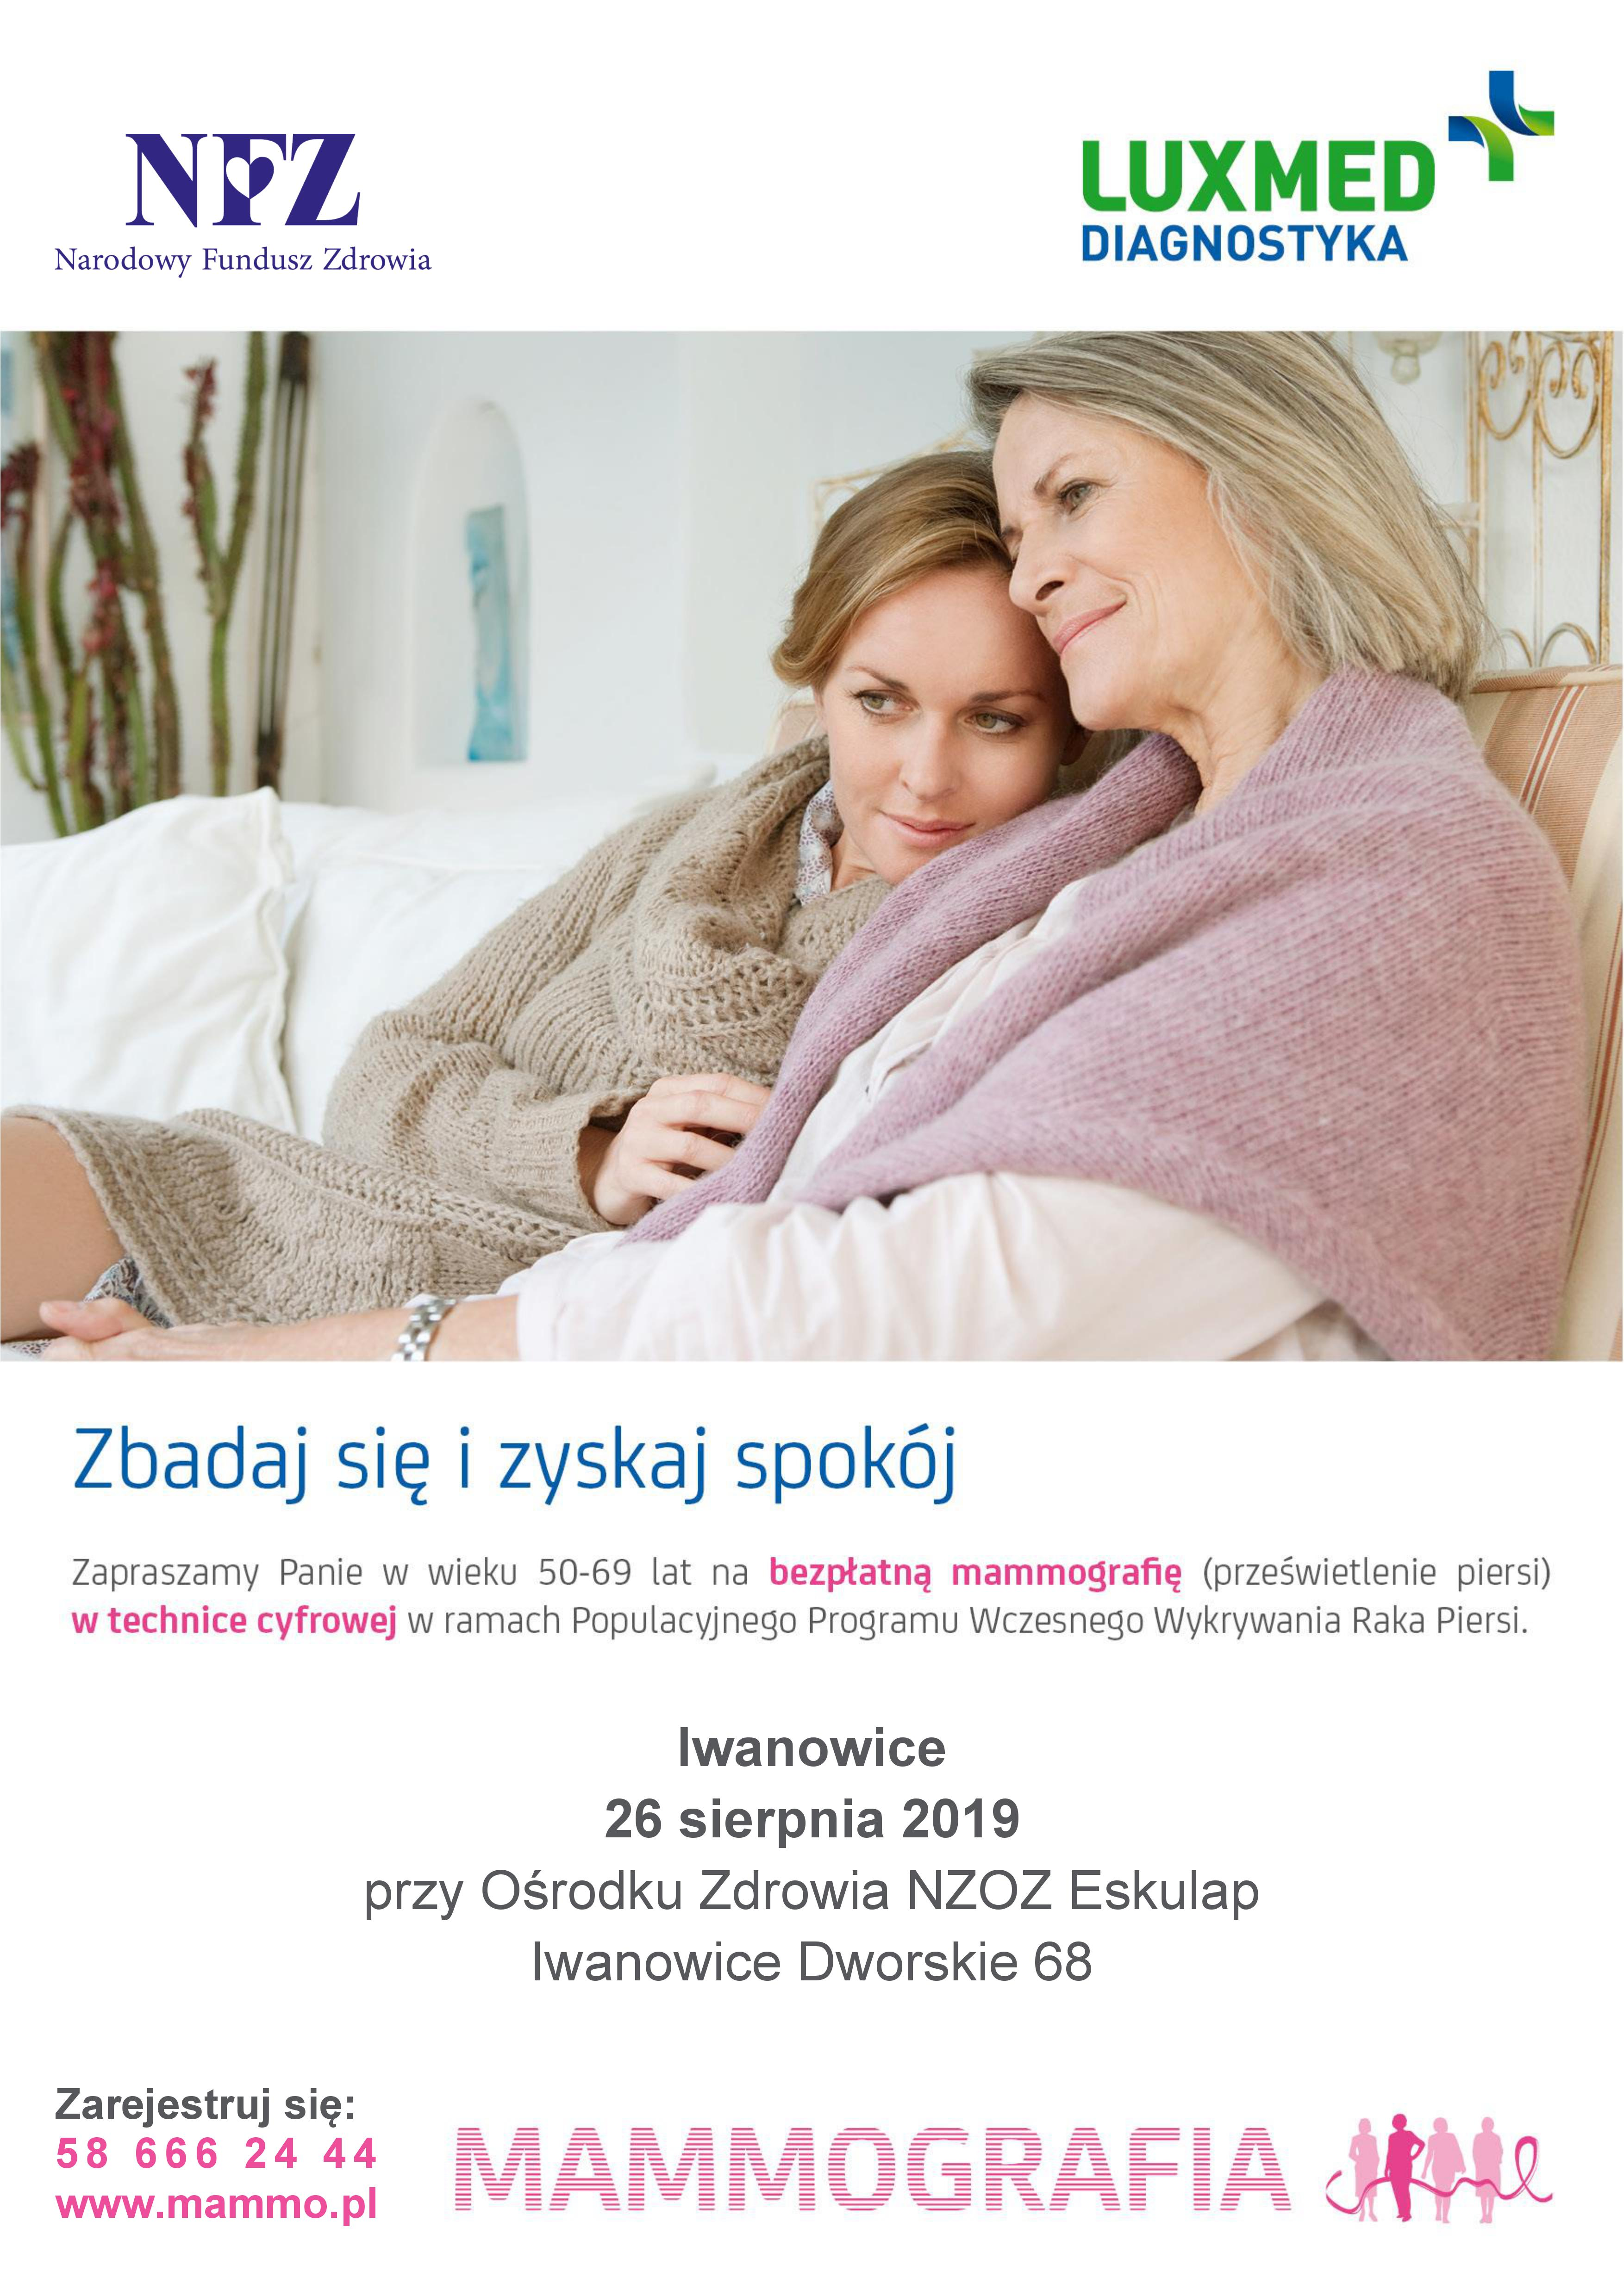 Bezpłatna Mammografia w Iwanowicach @ Ośrodek Zdrowia NZOZ Eskulap | Iwanowice Dworskie | małopolskie | Polska